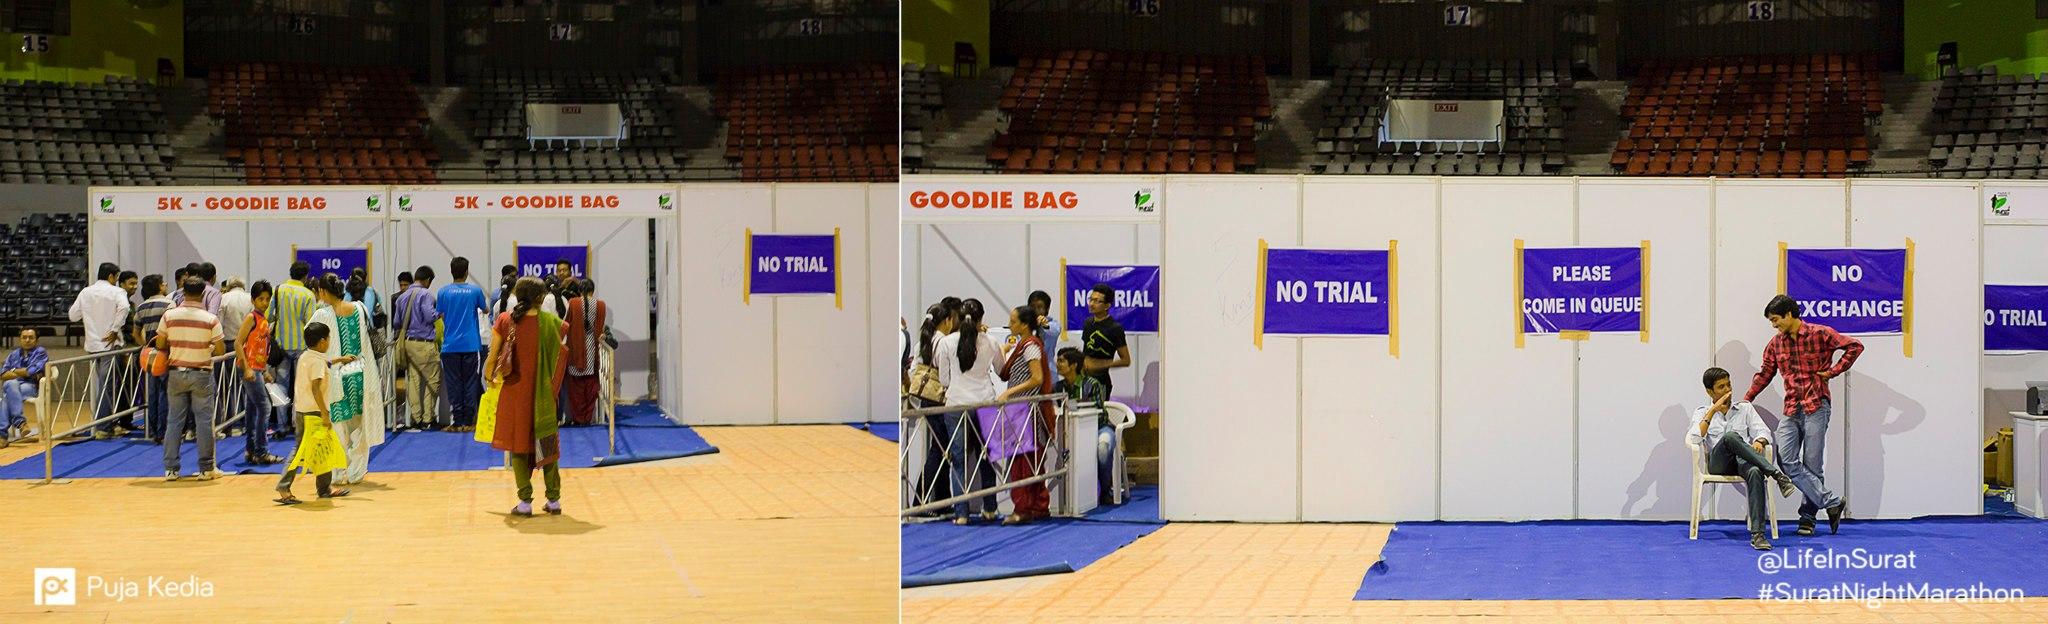 At the Expo. #PreRunEvent #IndoorStadium